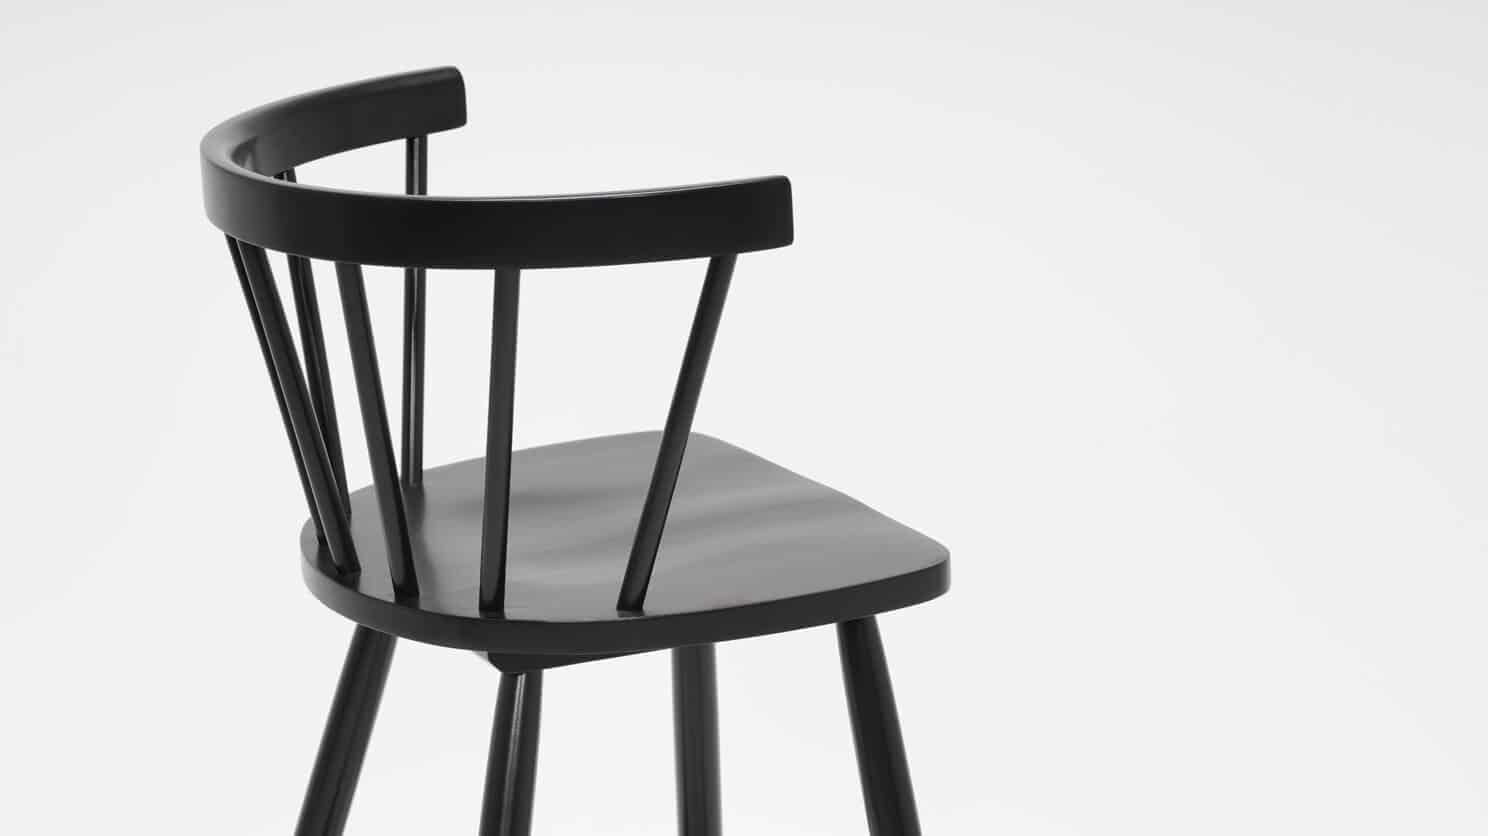 3020 271 par 4 stools lyla arm chair counter black detail 01